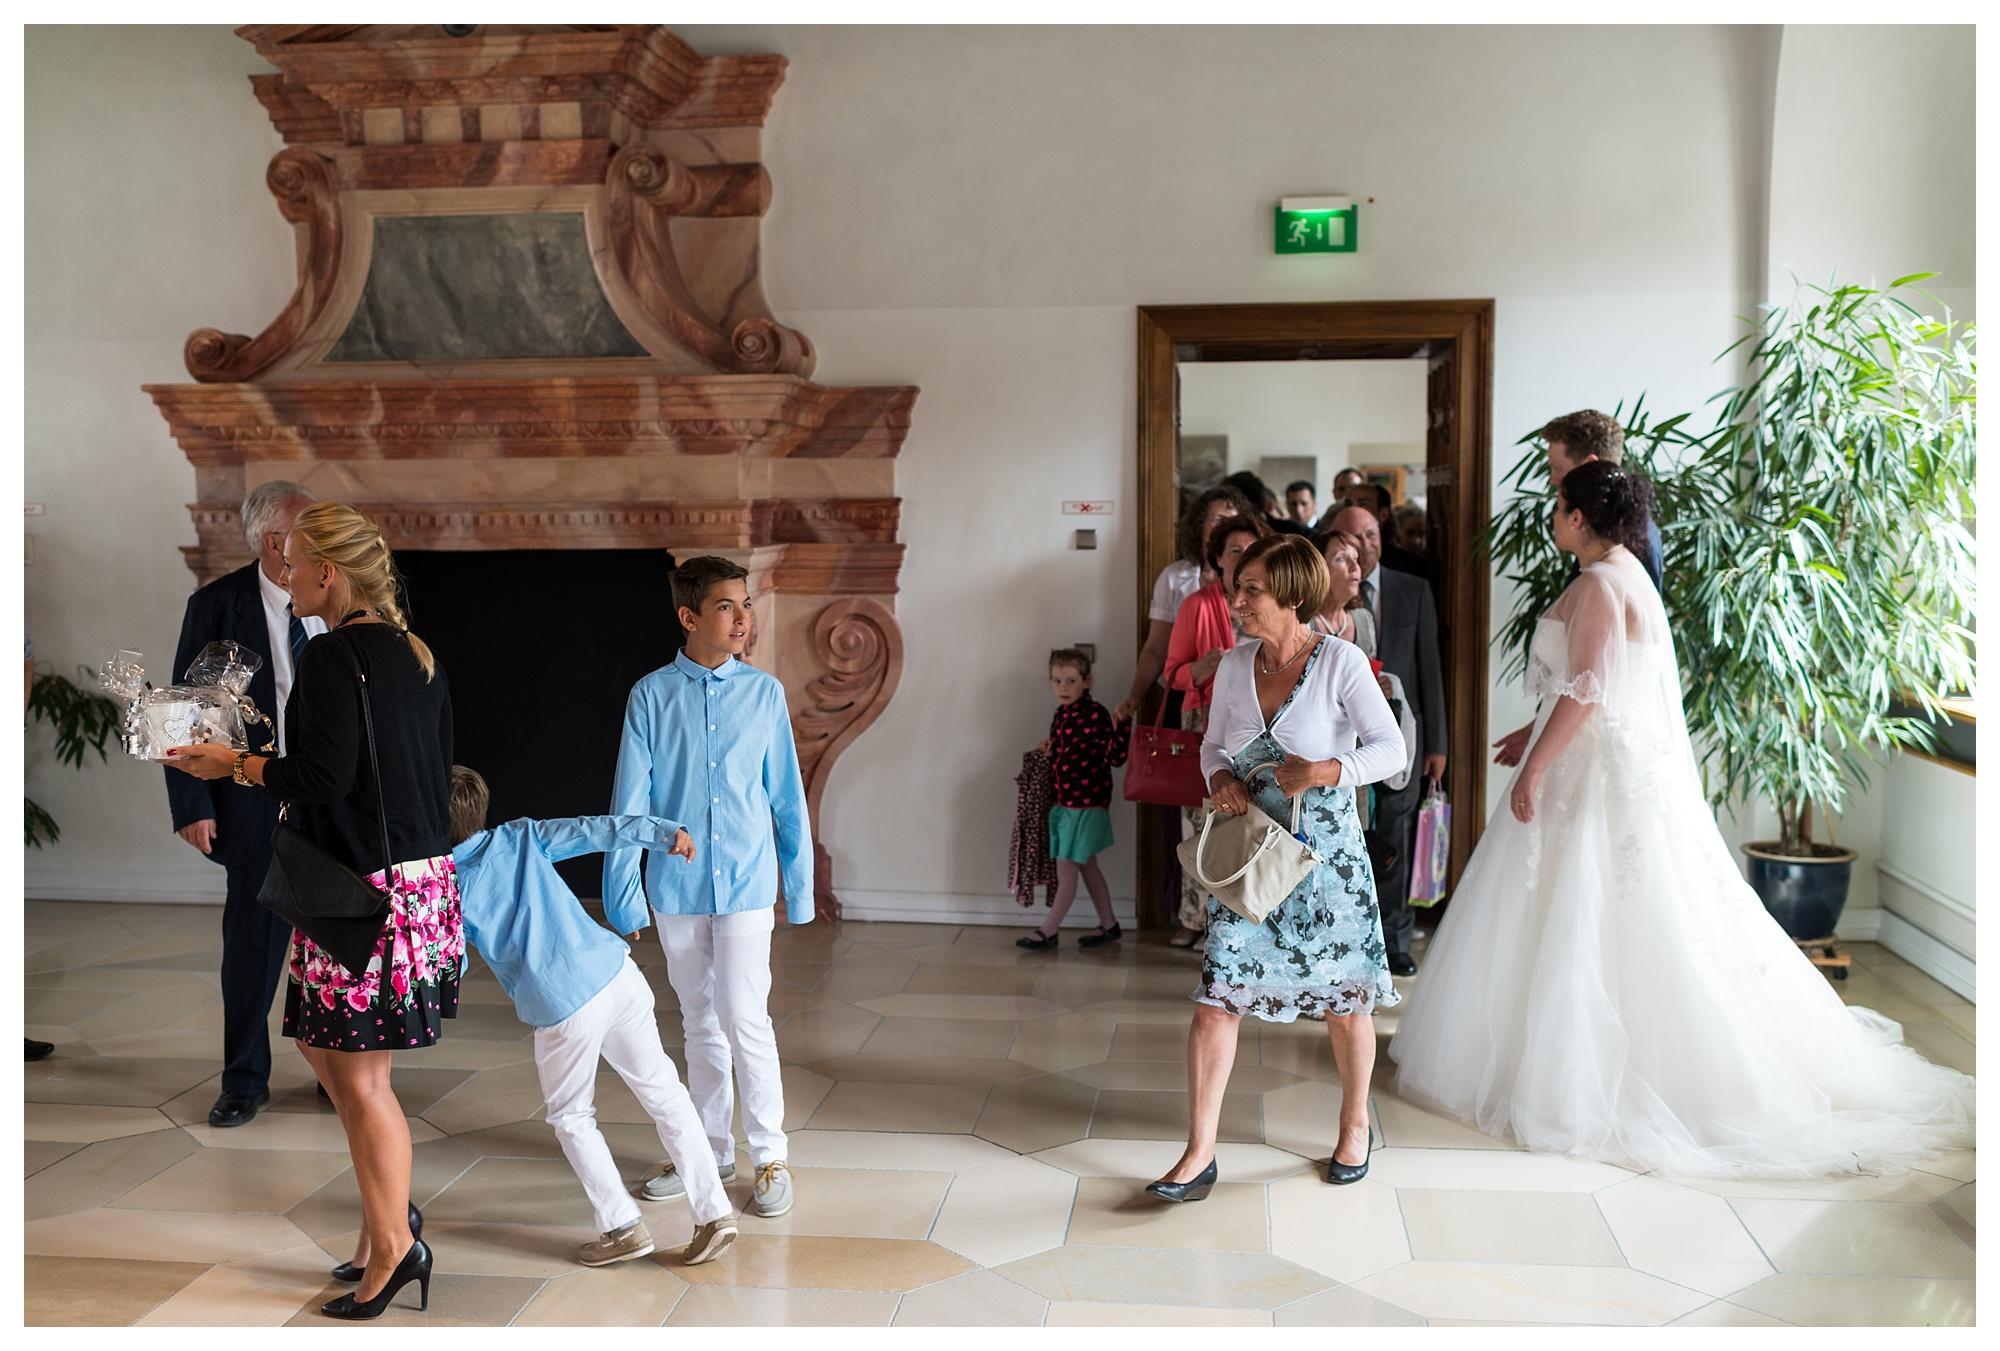 Fotograf Konstanz - Hochzeit Tanja Elmar Elmar Feuerbacher Photography Konstanz Messkirch Highlights 058 - Hochzeitsreportage von Tanja und Elmar im Schloss Meßkirch  - 161 -